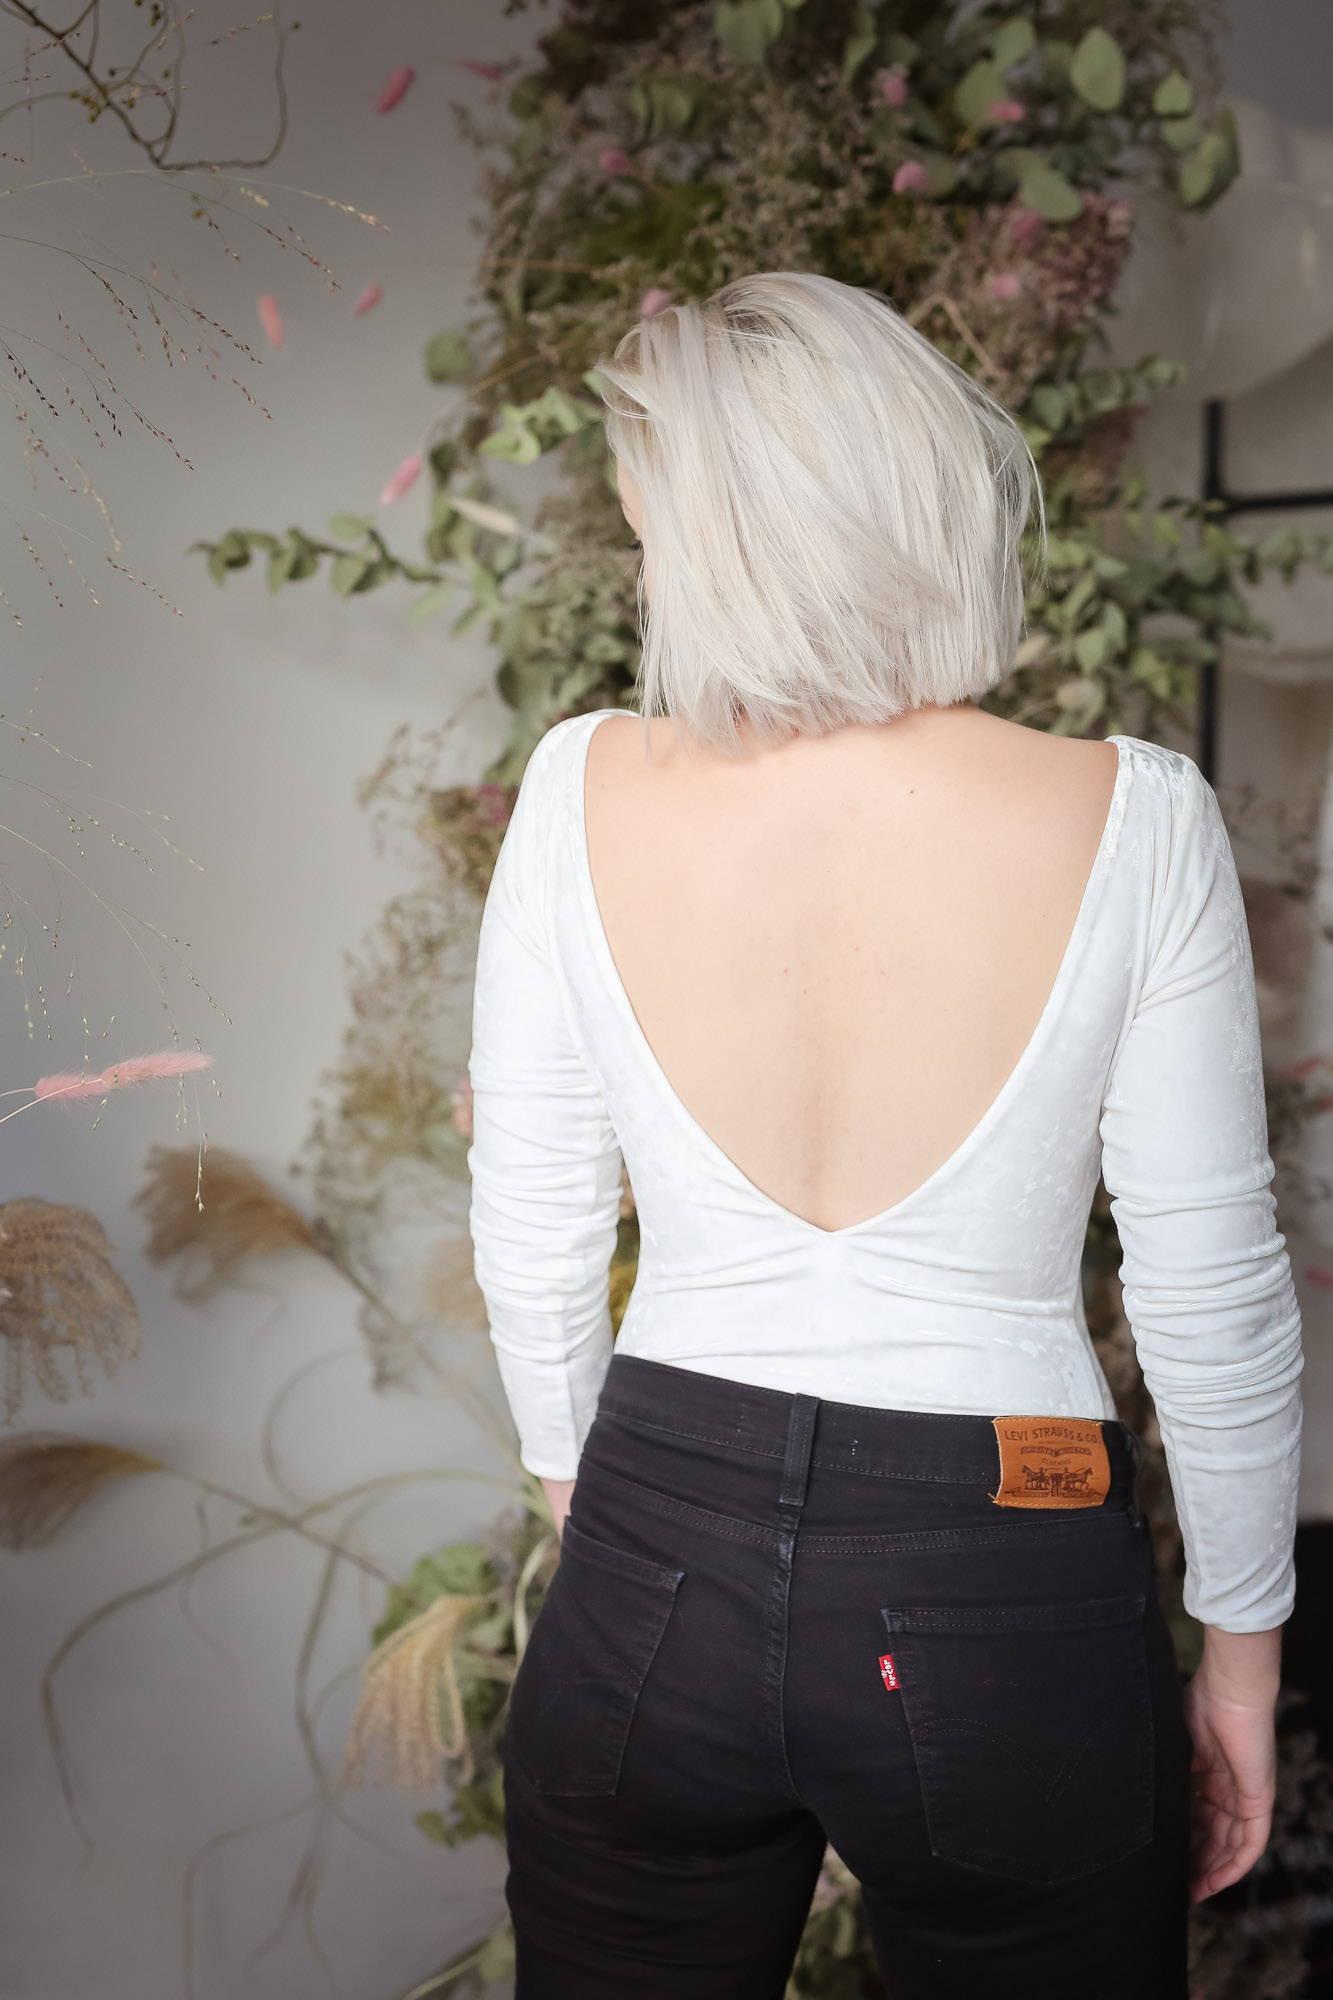 noni Brautkleider, rückenfreier Brautbody aus Samt mit schwarzer Jeans